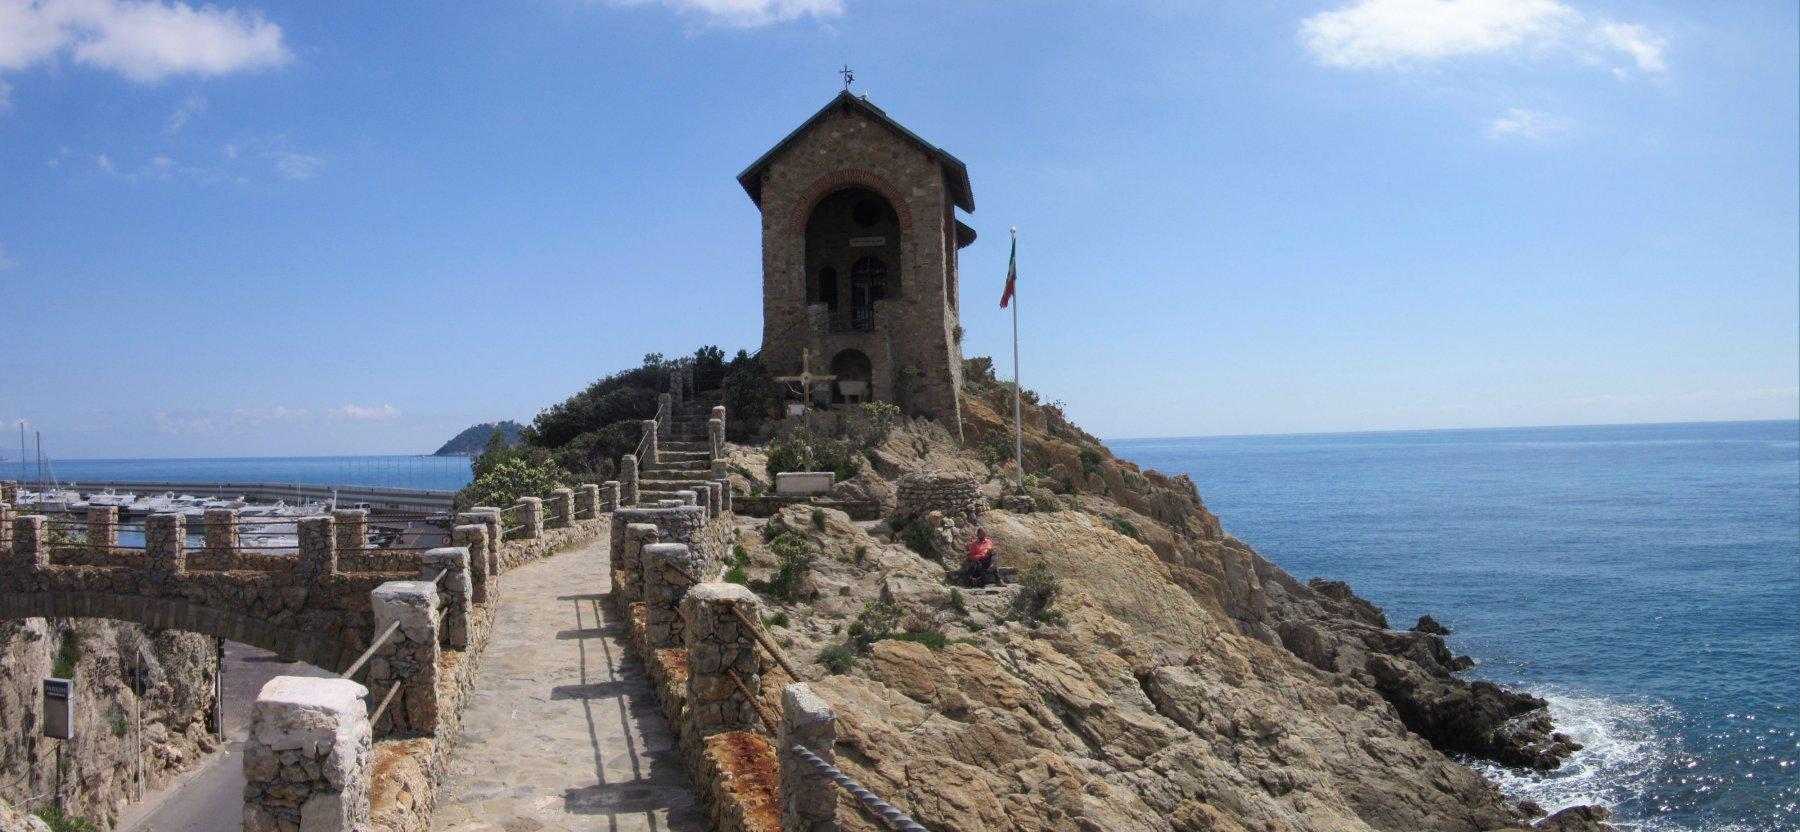 La suggestiva cappella dedicata ai caduti del mare a capo Santa Croce